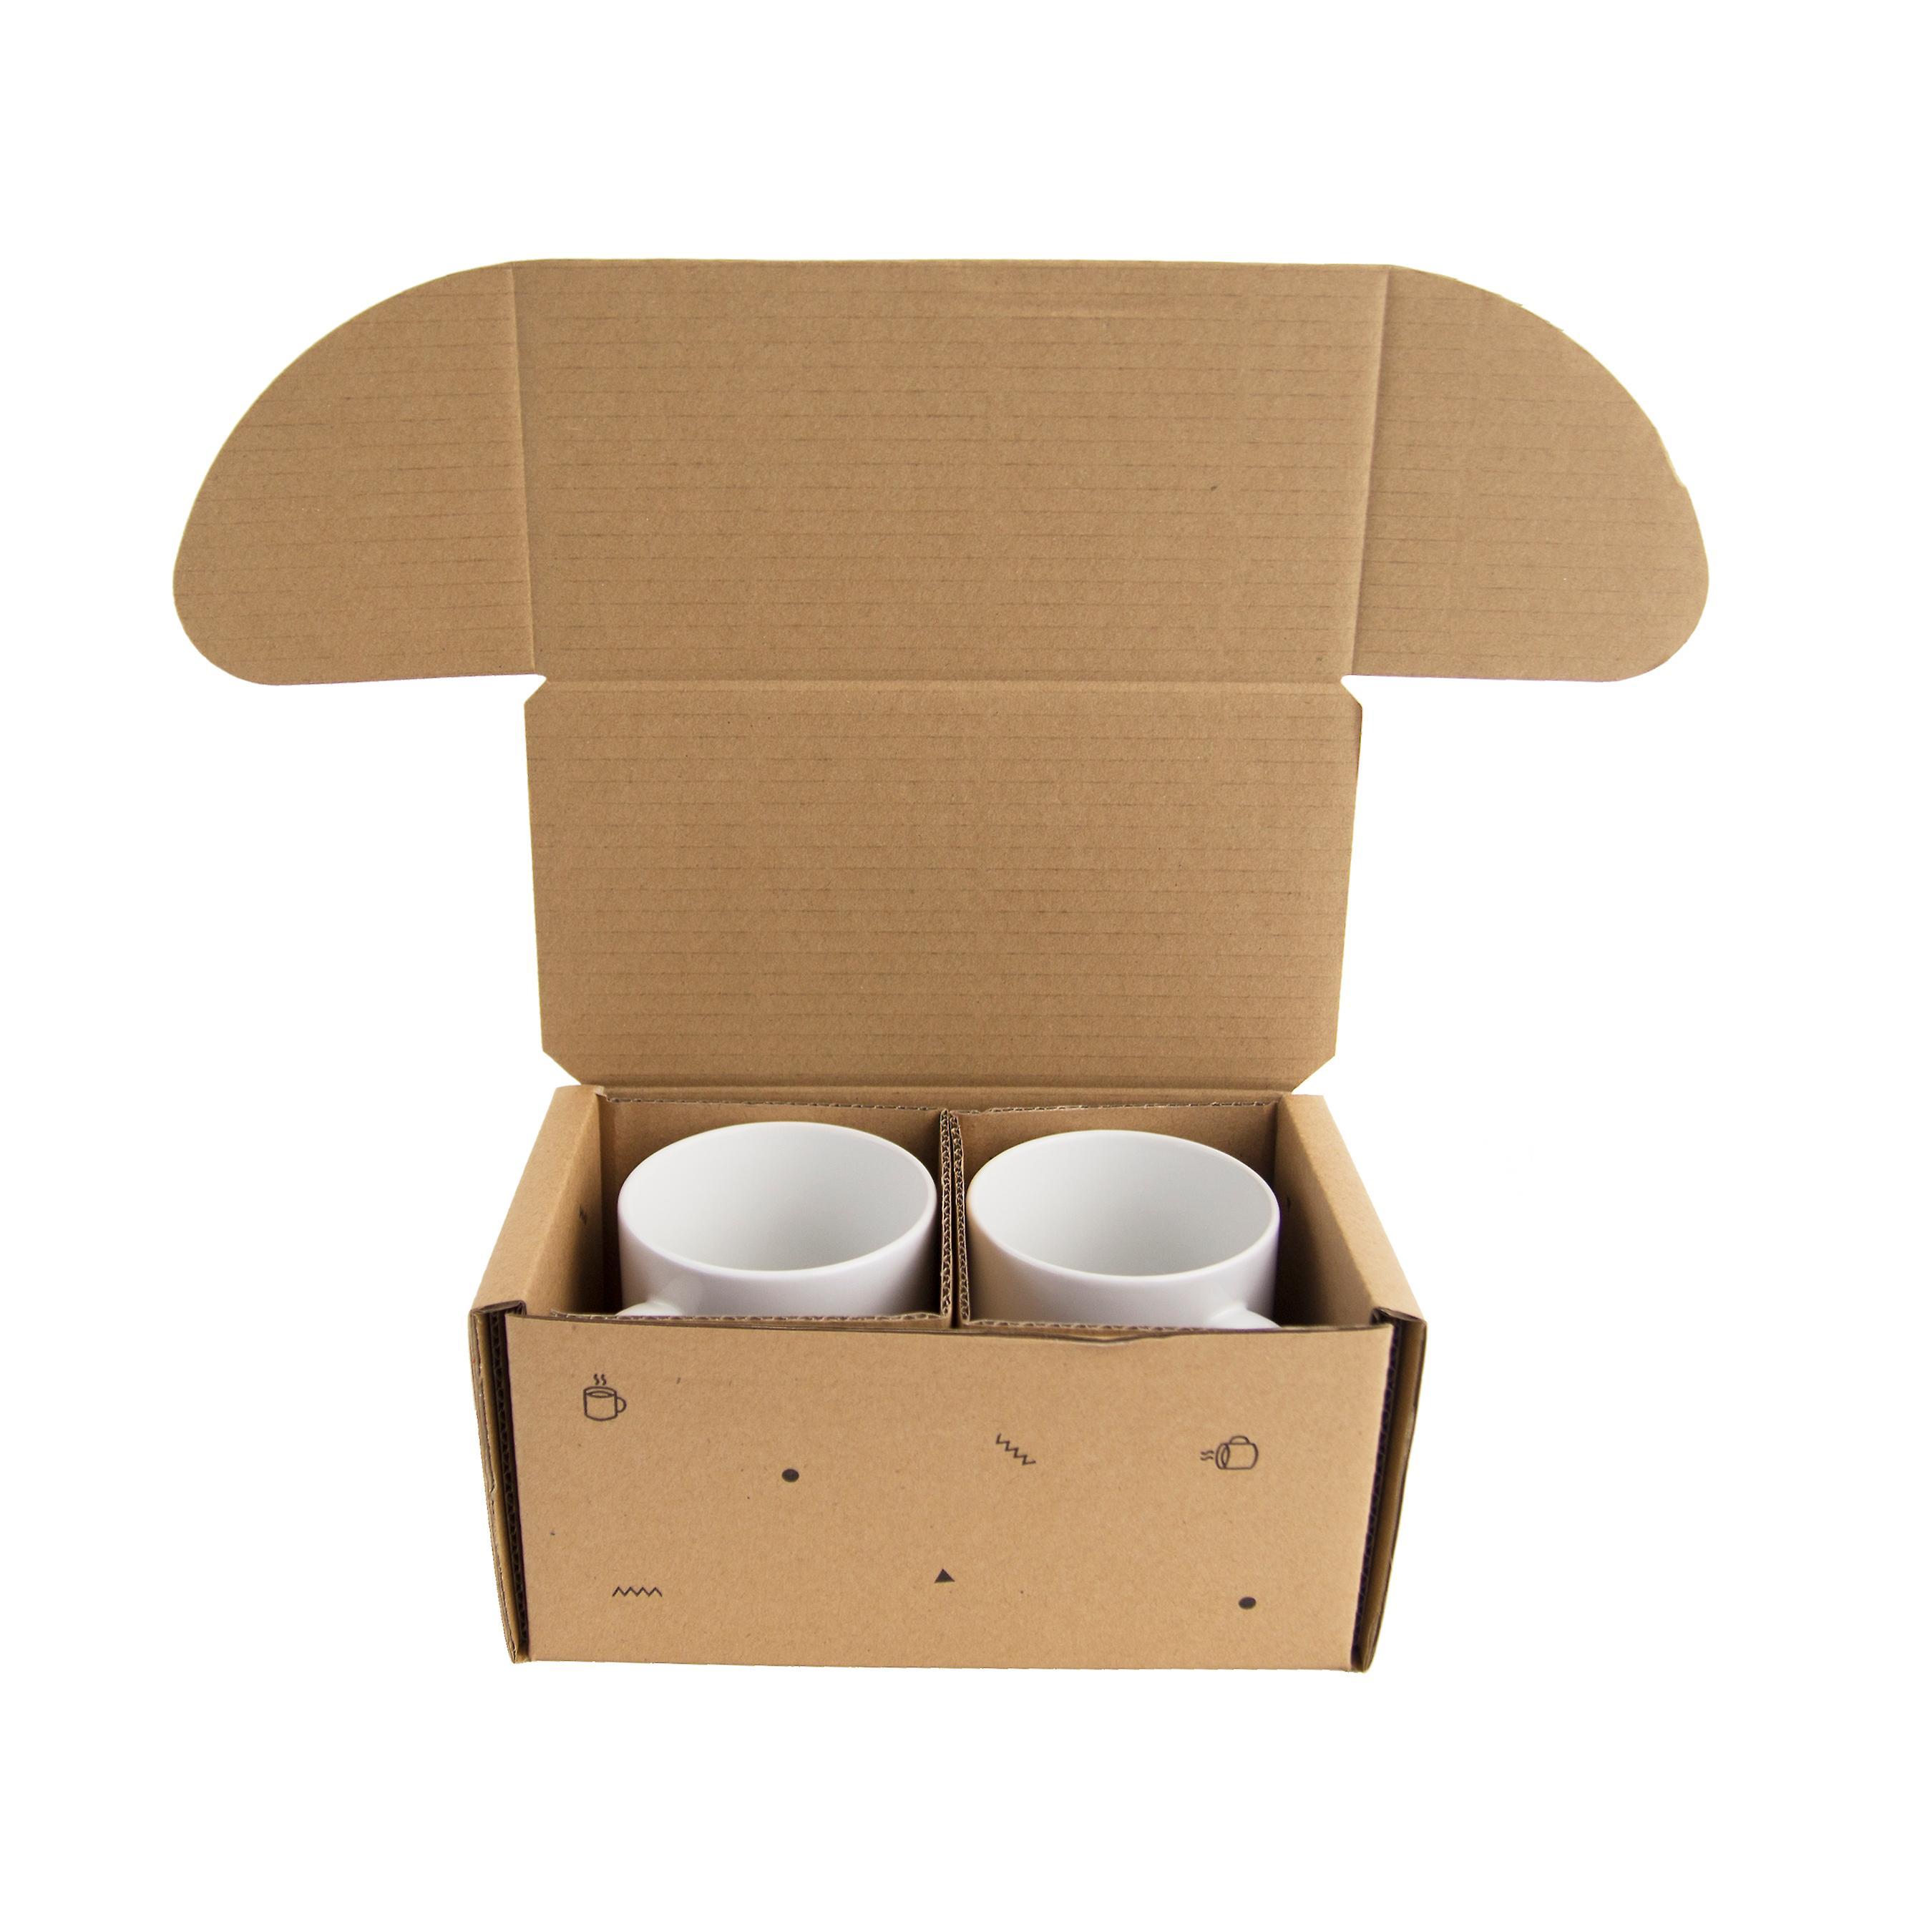 Day Pour Mugs Roi Et Mug Mignon CouplesValentines Coffee Reine Correspondant Couple Cadeau D'anniversaire Set Céramique yvmnN8wO0